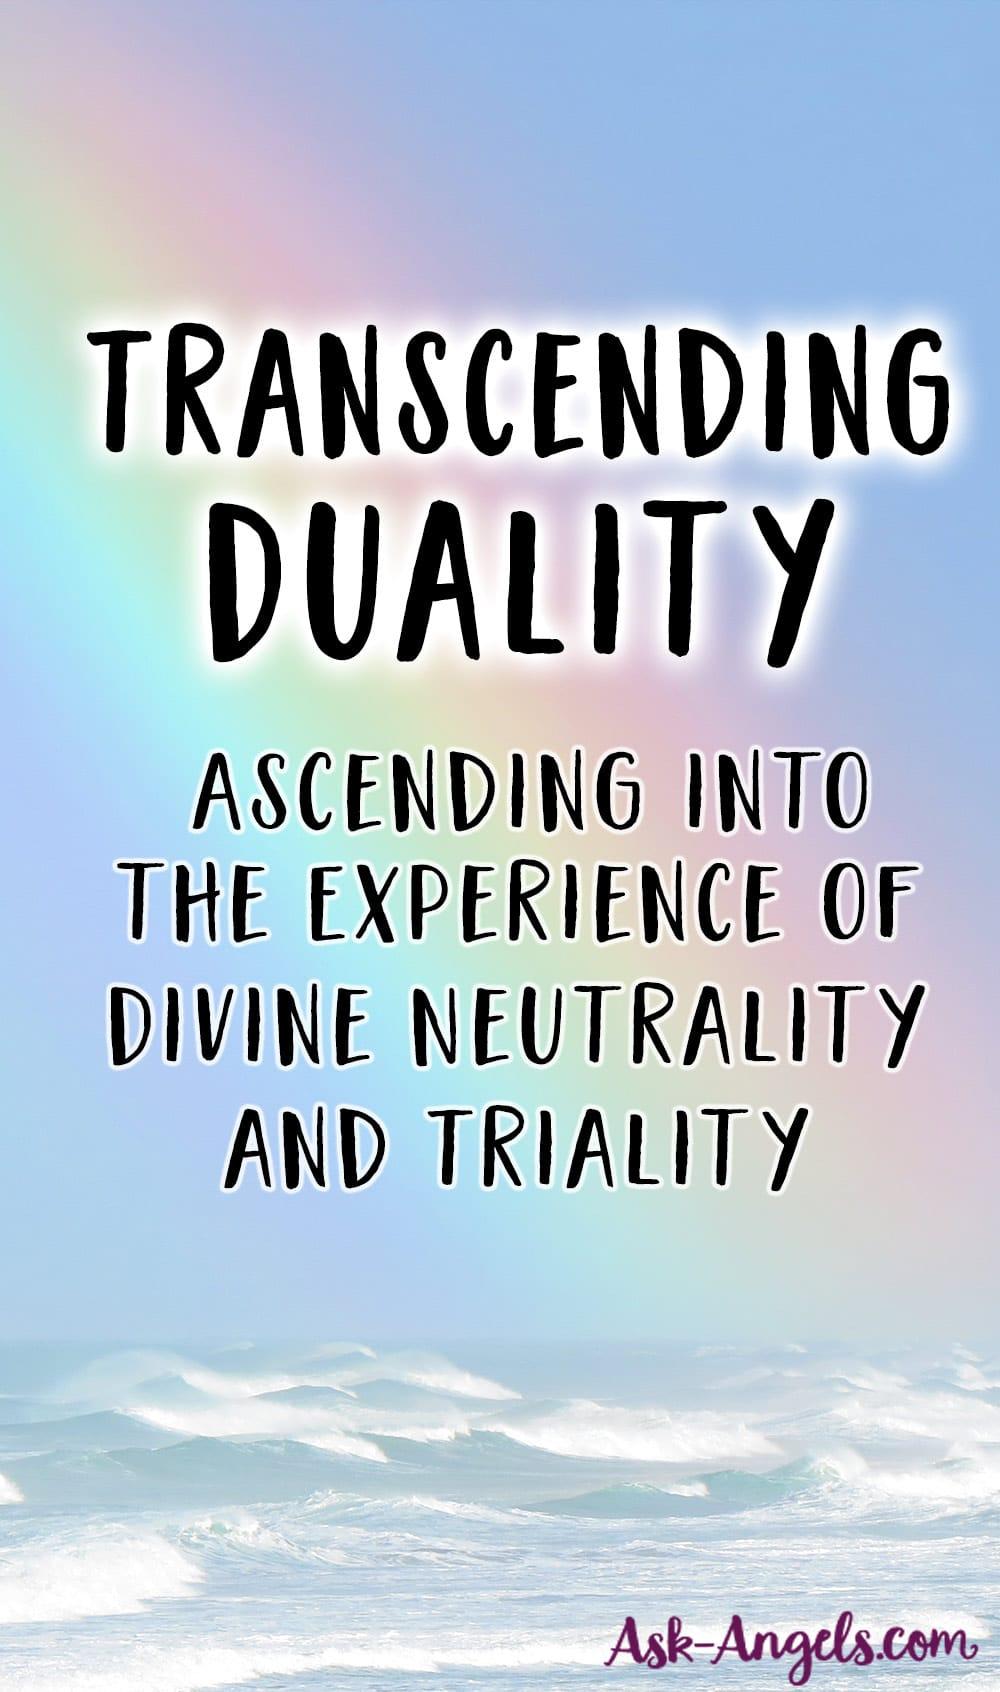 Transcending Duality